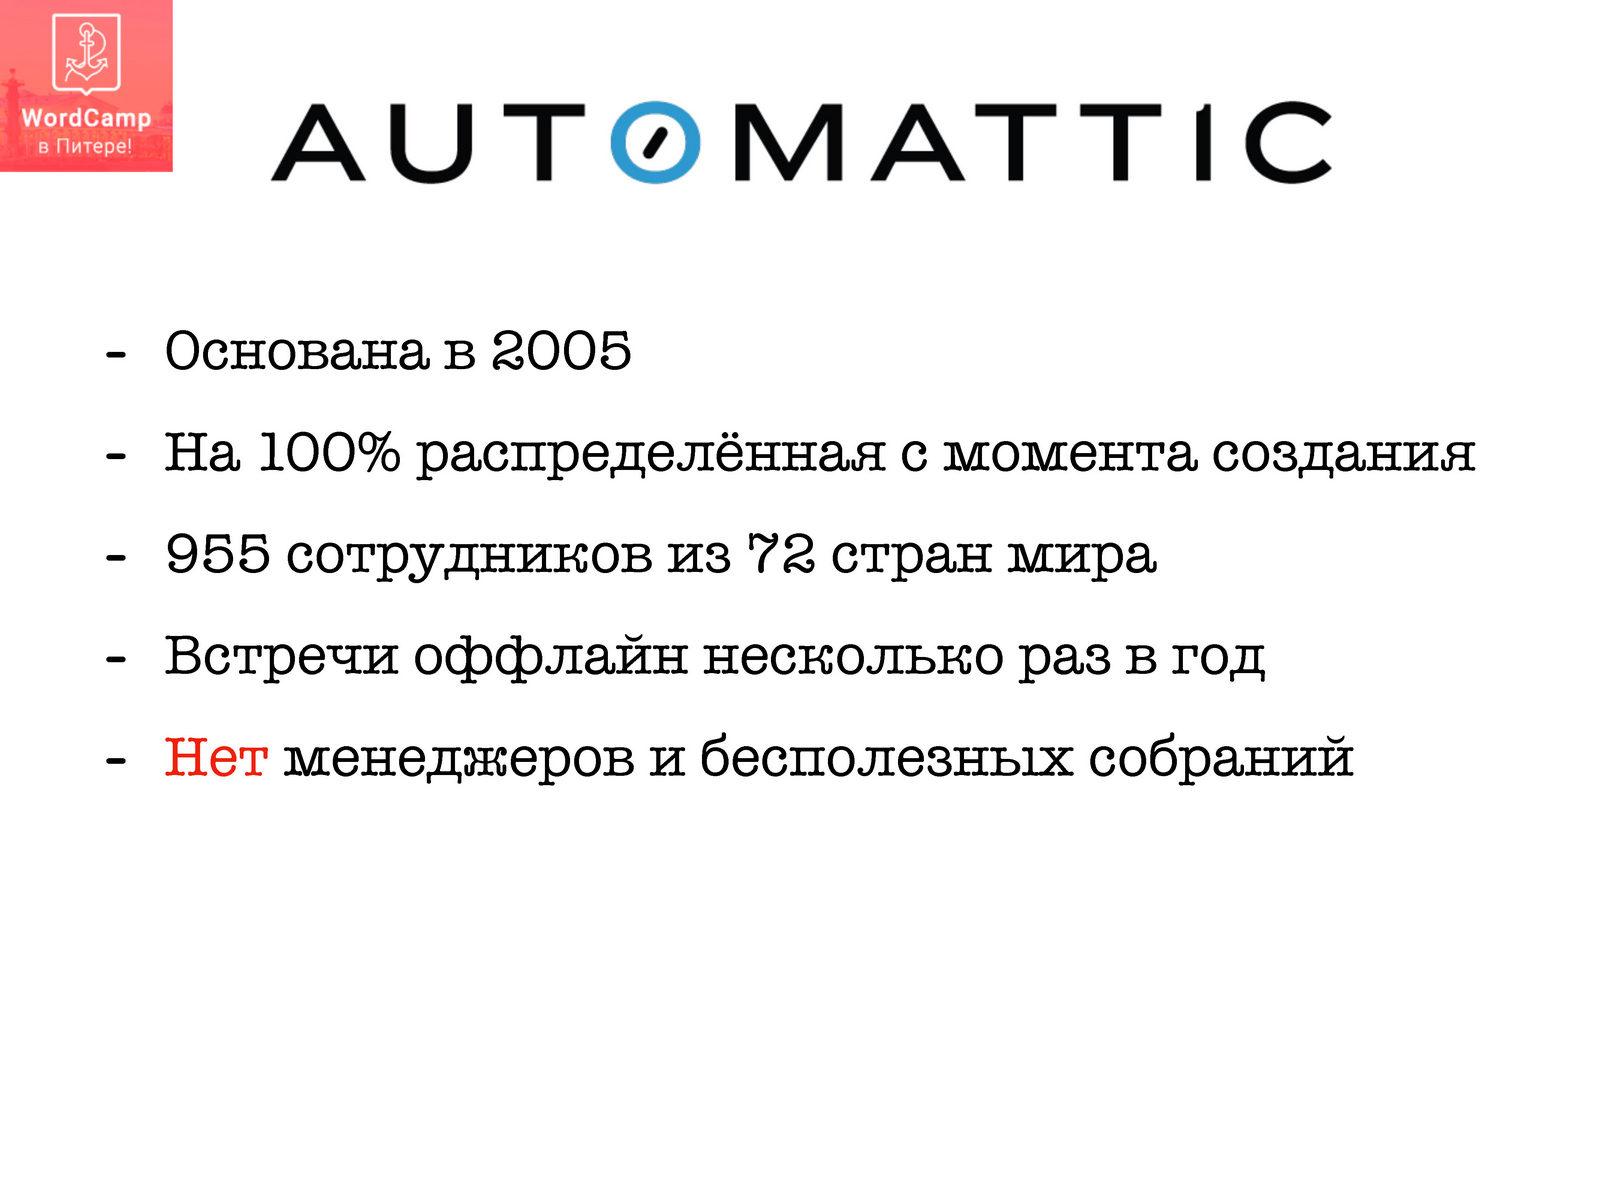 Тимур Гоголев - 100% распределенная компания мифы или реальность_Page_05